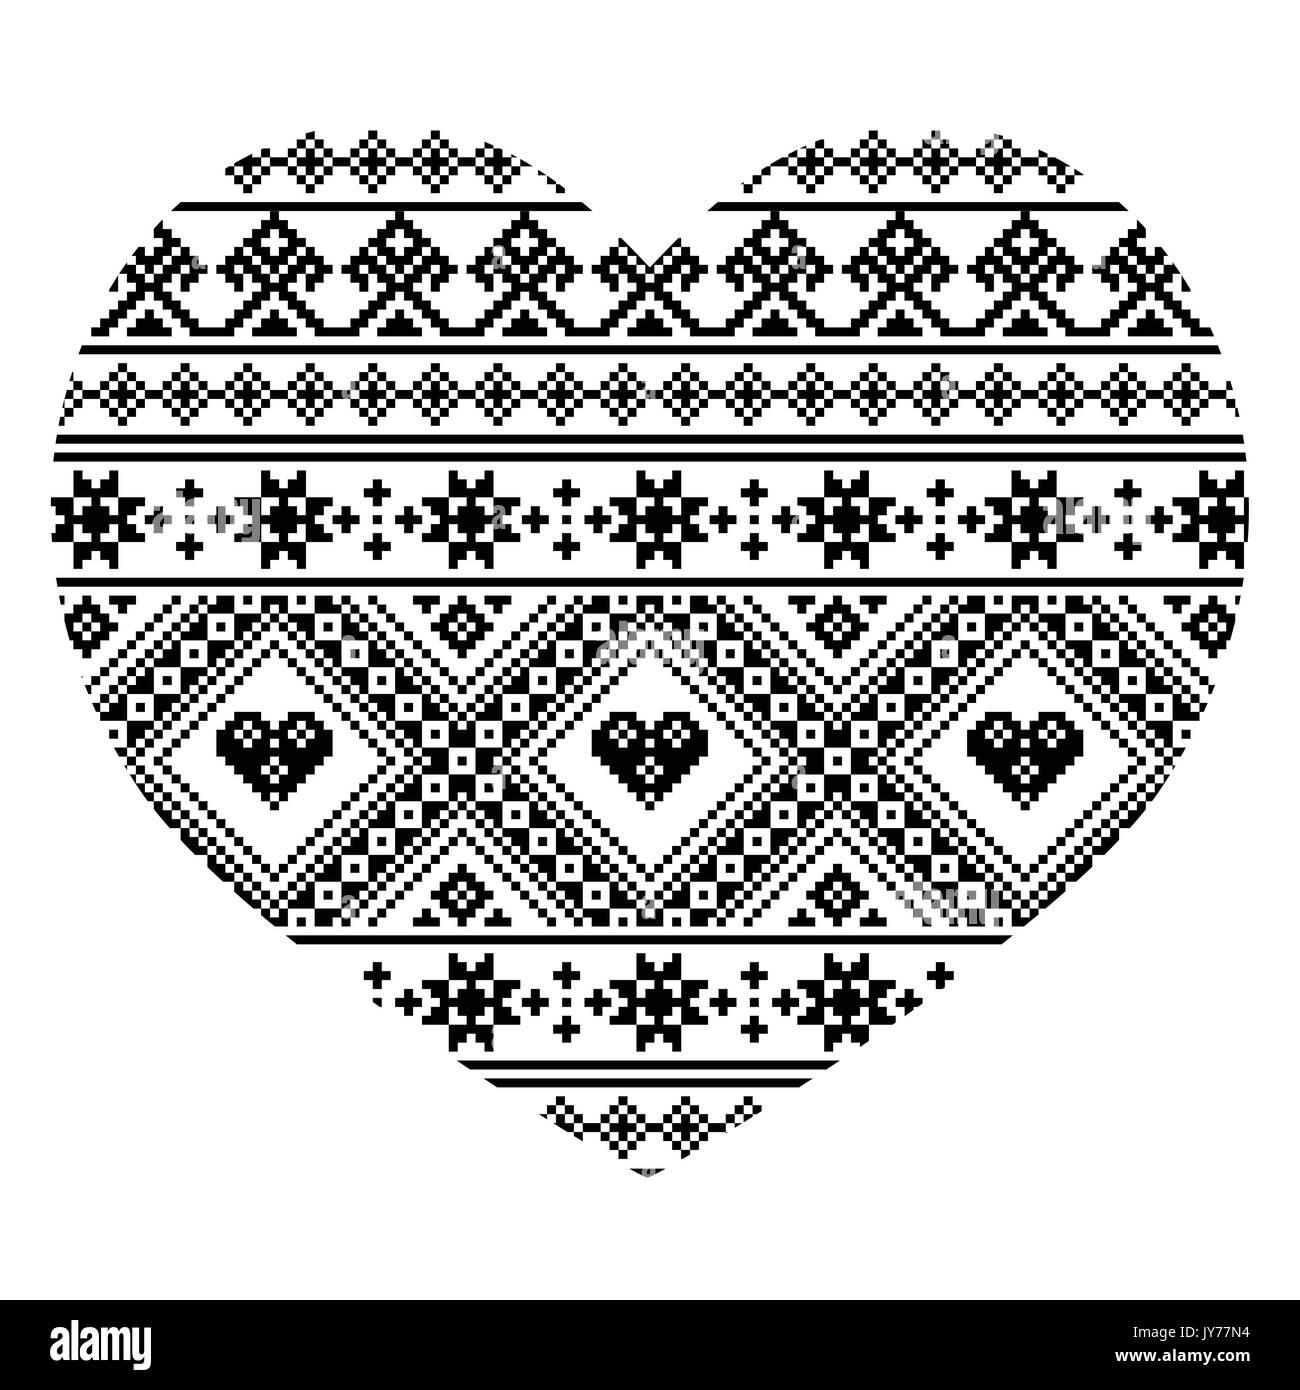 Ethiopian Crosses In Feb Mar Elle Decor: Traditionelle Schwarze Ukrainische Oder Weißrussische